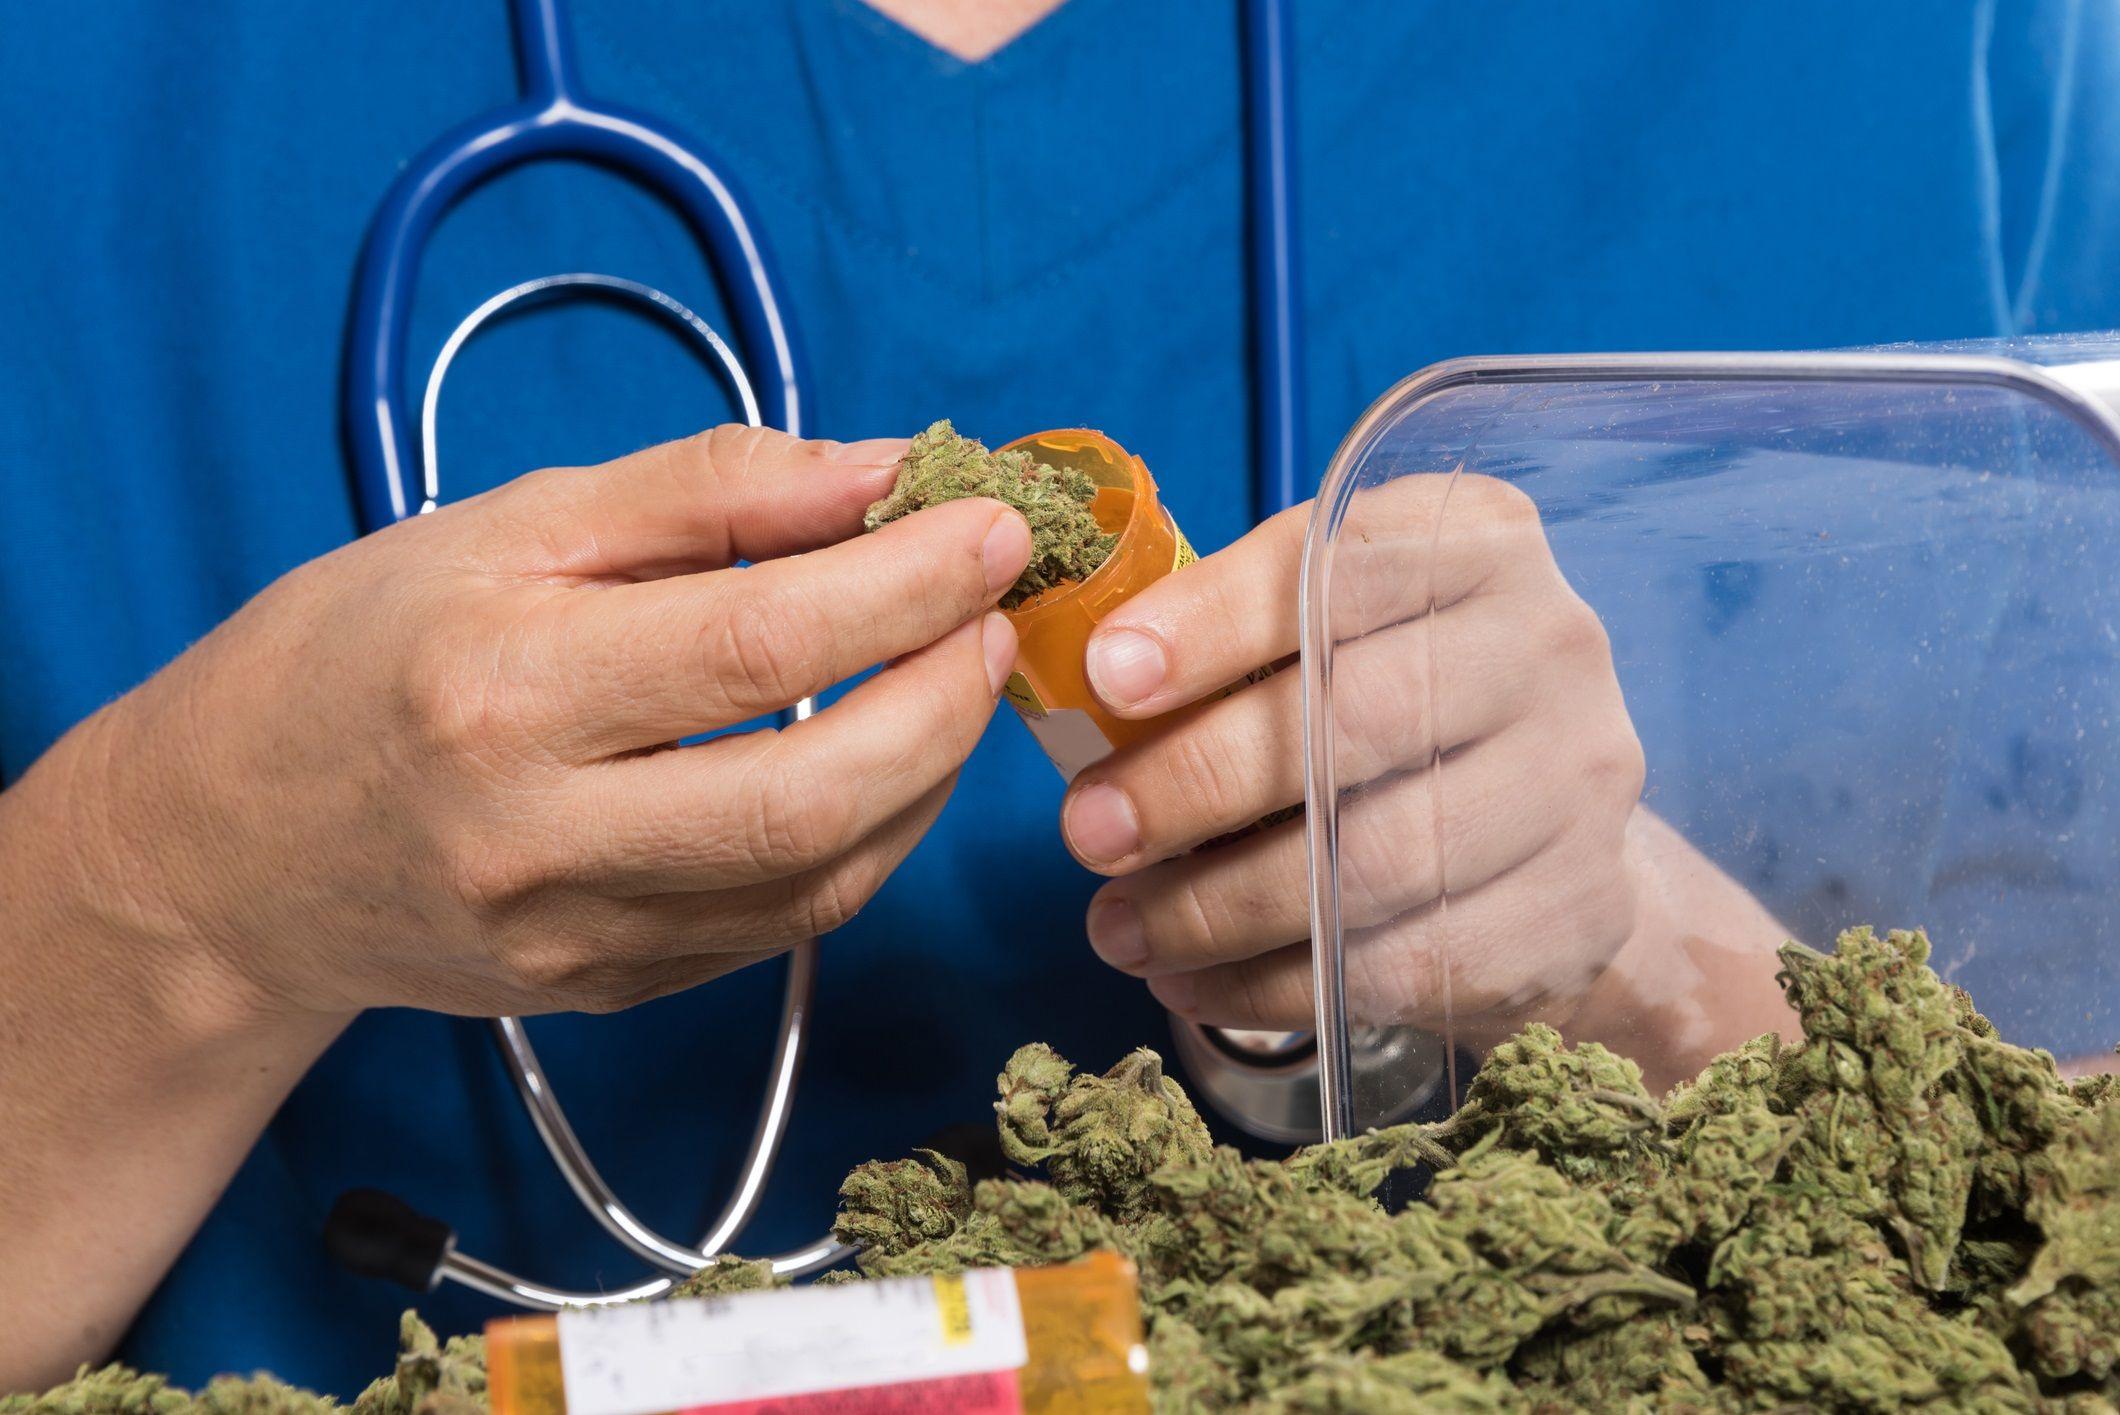 perché perdi peso quando fumi cannabis